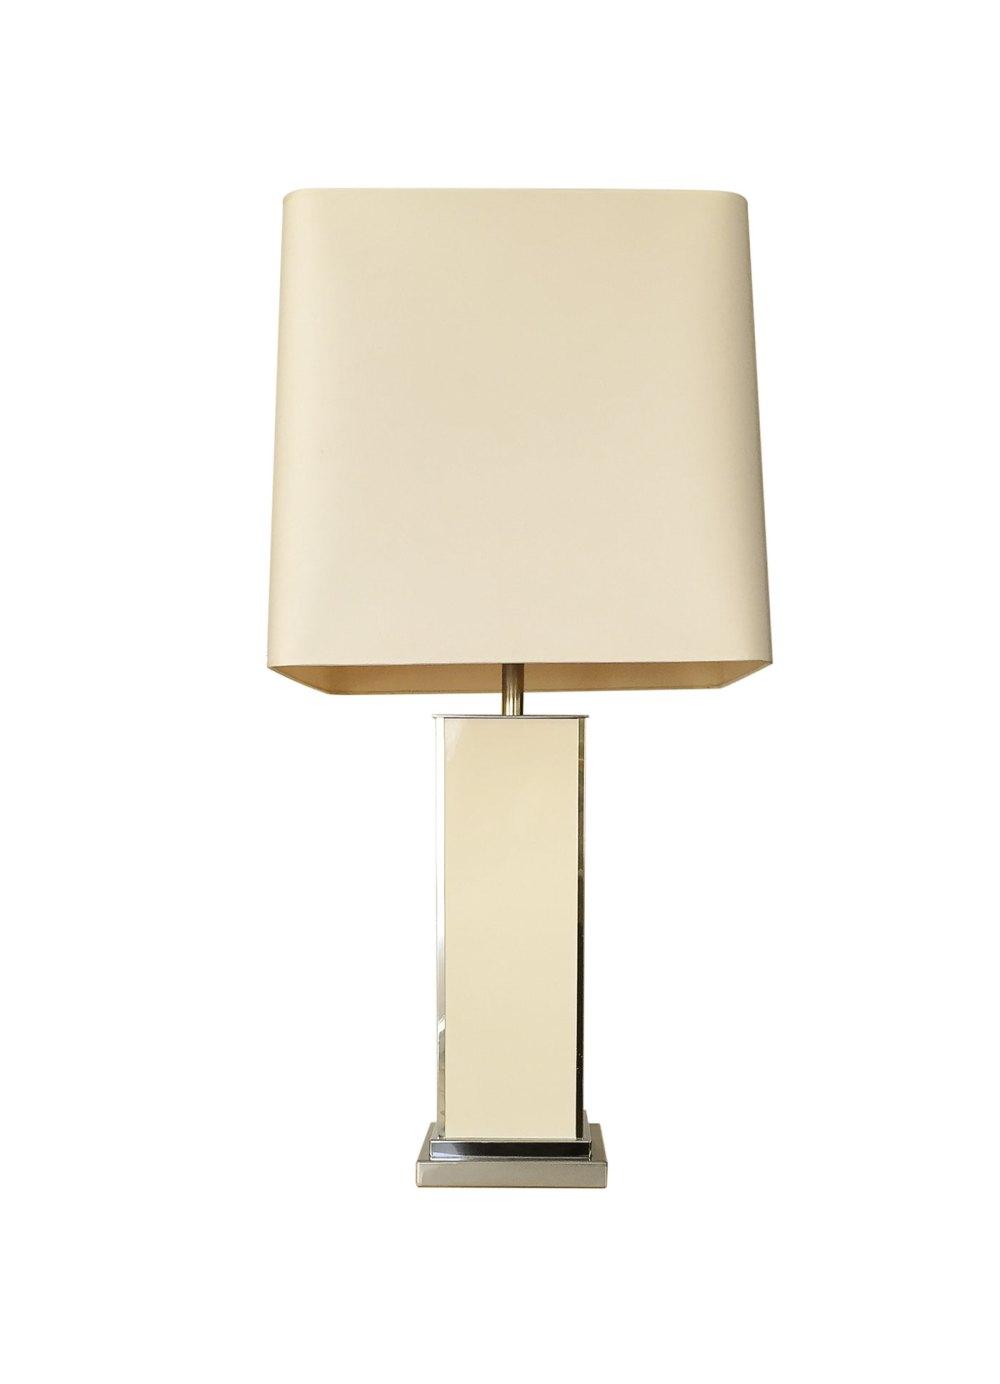 Lampe vintage laiton et laque blanche J.C Mahey 1970. Luminaires vintage ltgmood.com